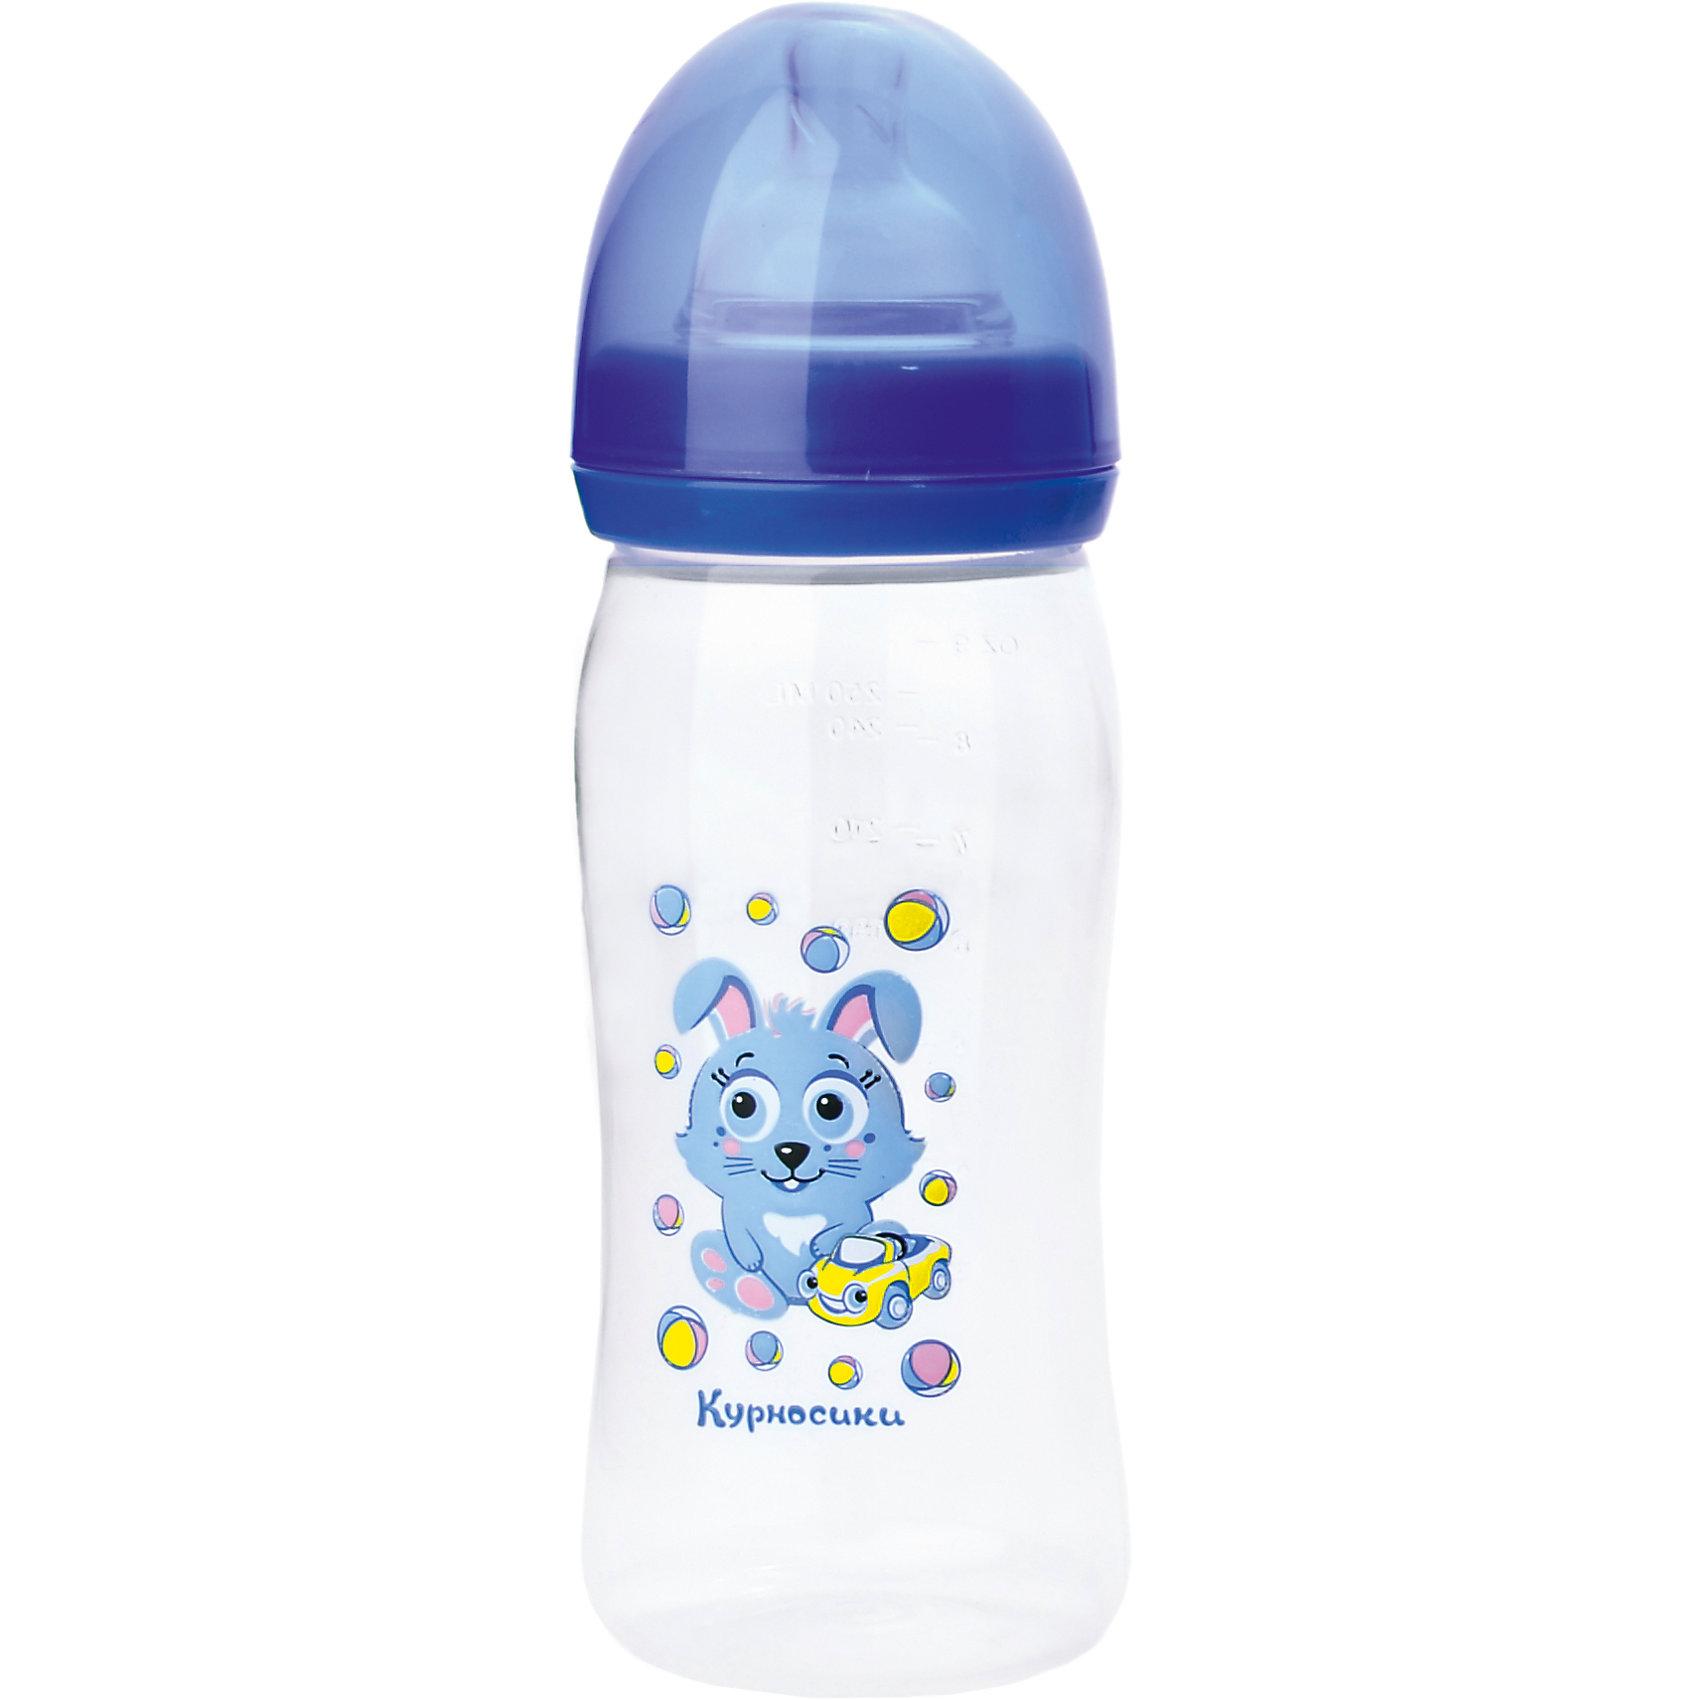 Бутылочка с силиконовой соской Мои первые друзья, 250 мл, Kurnosiki, голубойБутылочки и аксессуары<br>Характеристики:<br><br>• Наименование: бутылка для кормления<br>• Рекомендуемый возраст: от 0 месяцев<br>• Пол: для мальчика<br>• Объем: 250 мл<br>• Материал: силикон, пластик<br>• Цвет: голубой<br>• Рисунок: зайчонок Хрум-Хрум<br>• Форма соски: классическая<br>• Поток у соски: медленный<br>• Комплектация: бутылочка, соска, колпачок, ручки<br>• Широкое горлышко<br>• Вес: 100 г<br>• Можно использовать в СВЧ и посудомоечной машине<br>• Особенности ухода: регулярная стерилизация и своевременная замена соски<br><br>Бутылочка с силиконовой соской Мои первые друзья, 250 мл, Kurnosiki, голубой выполнена из прочного и жароустойчивого пластика, на котором не появляются царапины и сколы. У бутылочки узкое горлышко. В комплекте предусмотрены съемные ручки, при помощи которых малышу удобно держать бутылочку в руках самостоятельно. Силиконовая соска классической формы, не имеет цвета и запаха, обладает повышенными гипоаллергенными свойствами. <br><br>Изделие выполнено в брендовом дизайне: на бутылочку нанесено изображение одного из героев серии Курносиков ? котенка Мяу-Мяу. Рисунок устойчив к выцветанию и истиранию. Бутылочка с силиконовой соской Мои первые друзья, 250 мл, Kurnosiki, голубой – это практичный и стильный предмет для кормления малыша!<br><br>Бутылочку с силиконовой соской Мои первые друзья, 250 мл, Kurnosiki, голубой можно купить в нашем интернет-магазине.<br><br>Ширина мм: 70<br>Глубина мм: 100<br>Высота мм: 200<br>Вес г: 92<br>Возраст от месяцев: 0<br>Возраст до месяцев: 18<br>Пол: Мужской<br>Возраст: Детский<br>SKU: 5428800